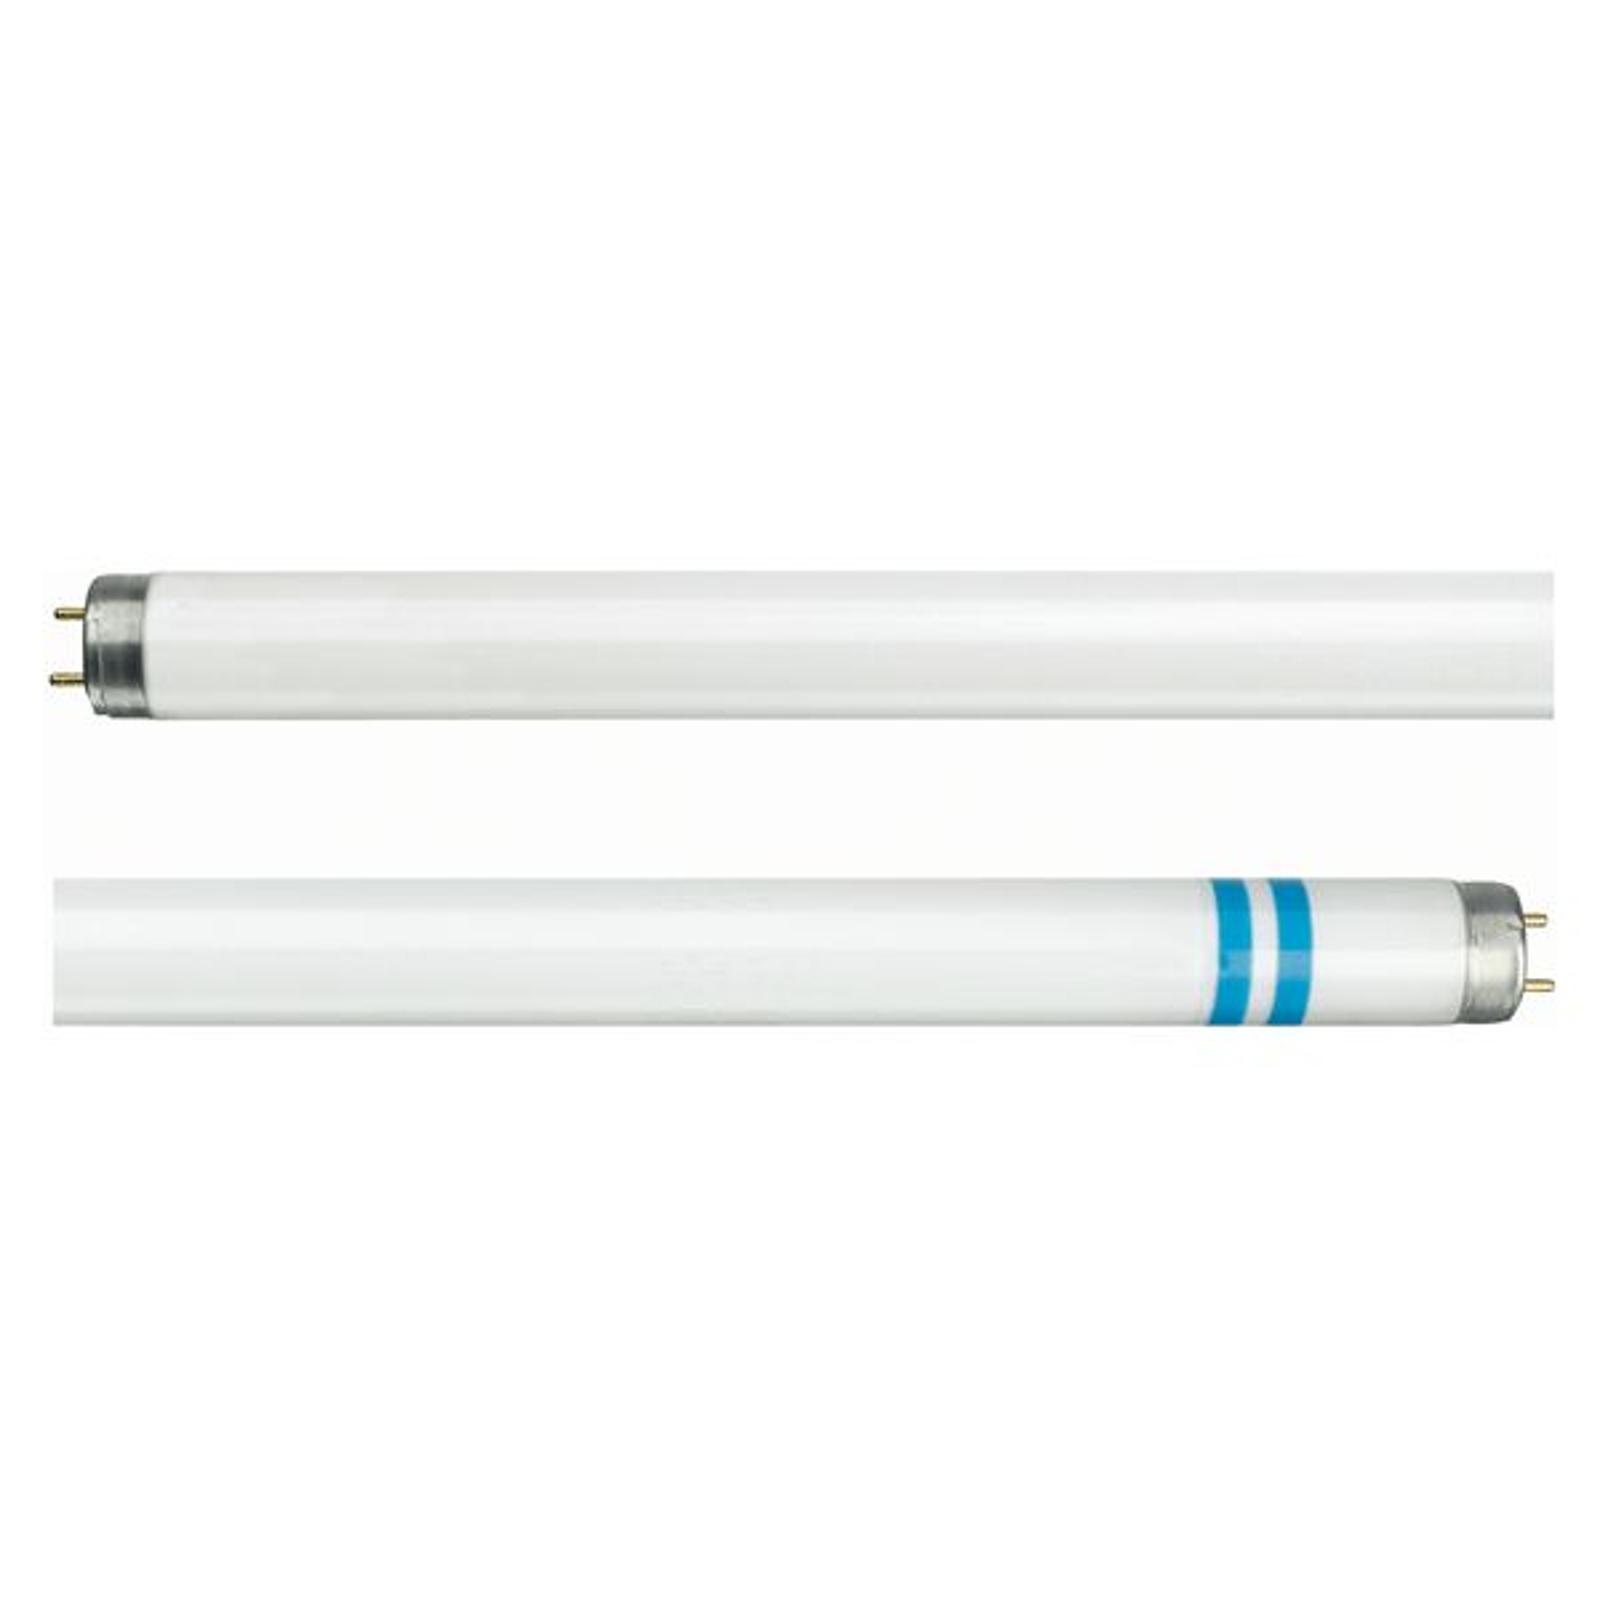 G13 T8 lysstofrør med sikkerhedsglas